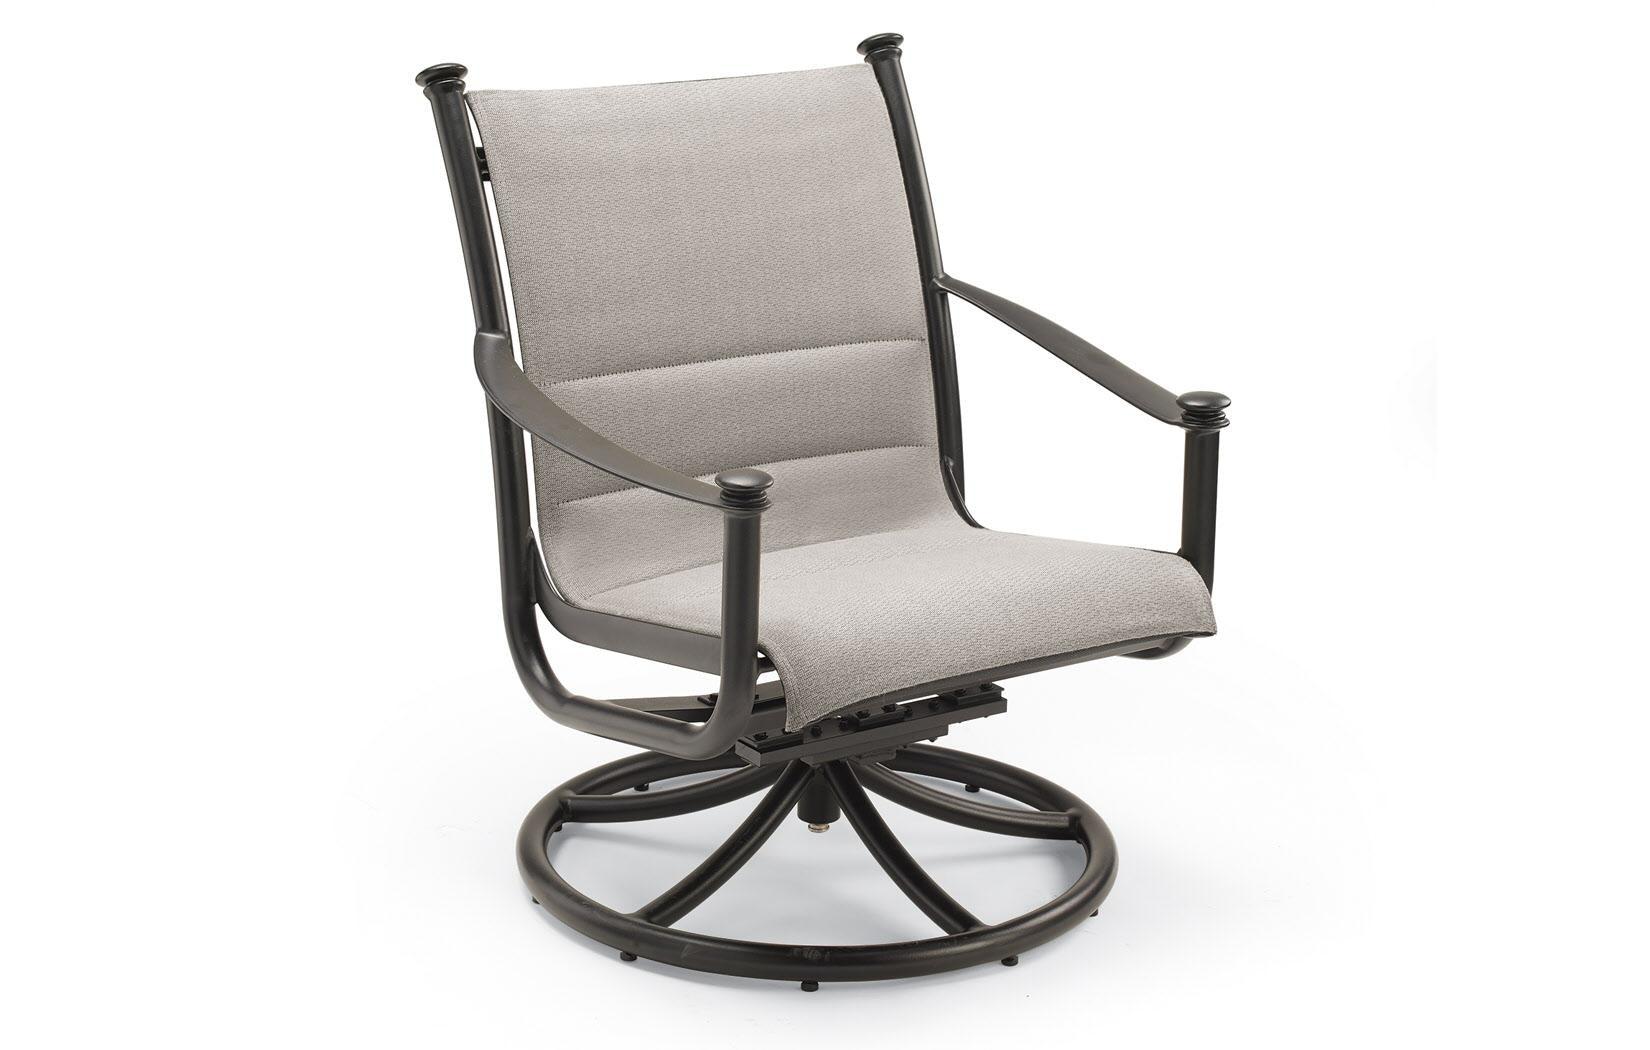 Padded Sling Swivel Tilt Lounge Chair By Winston J5879PS